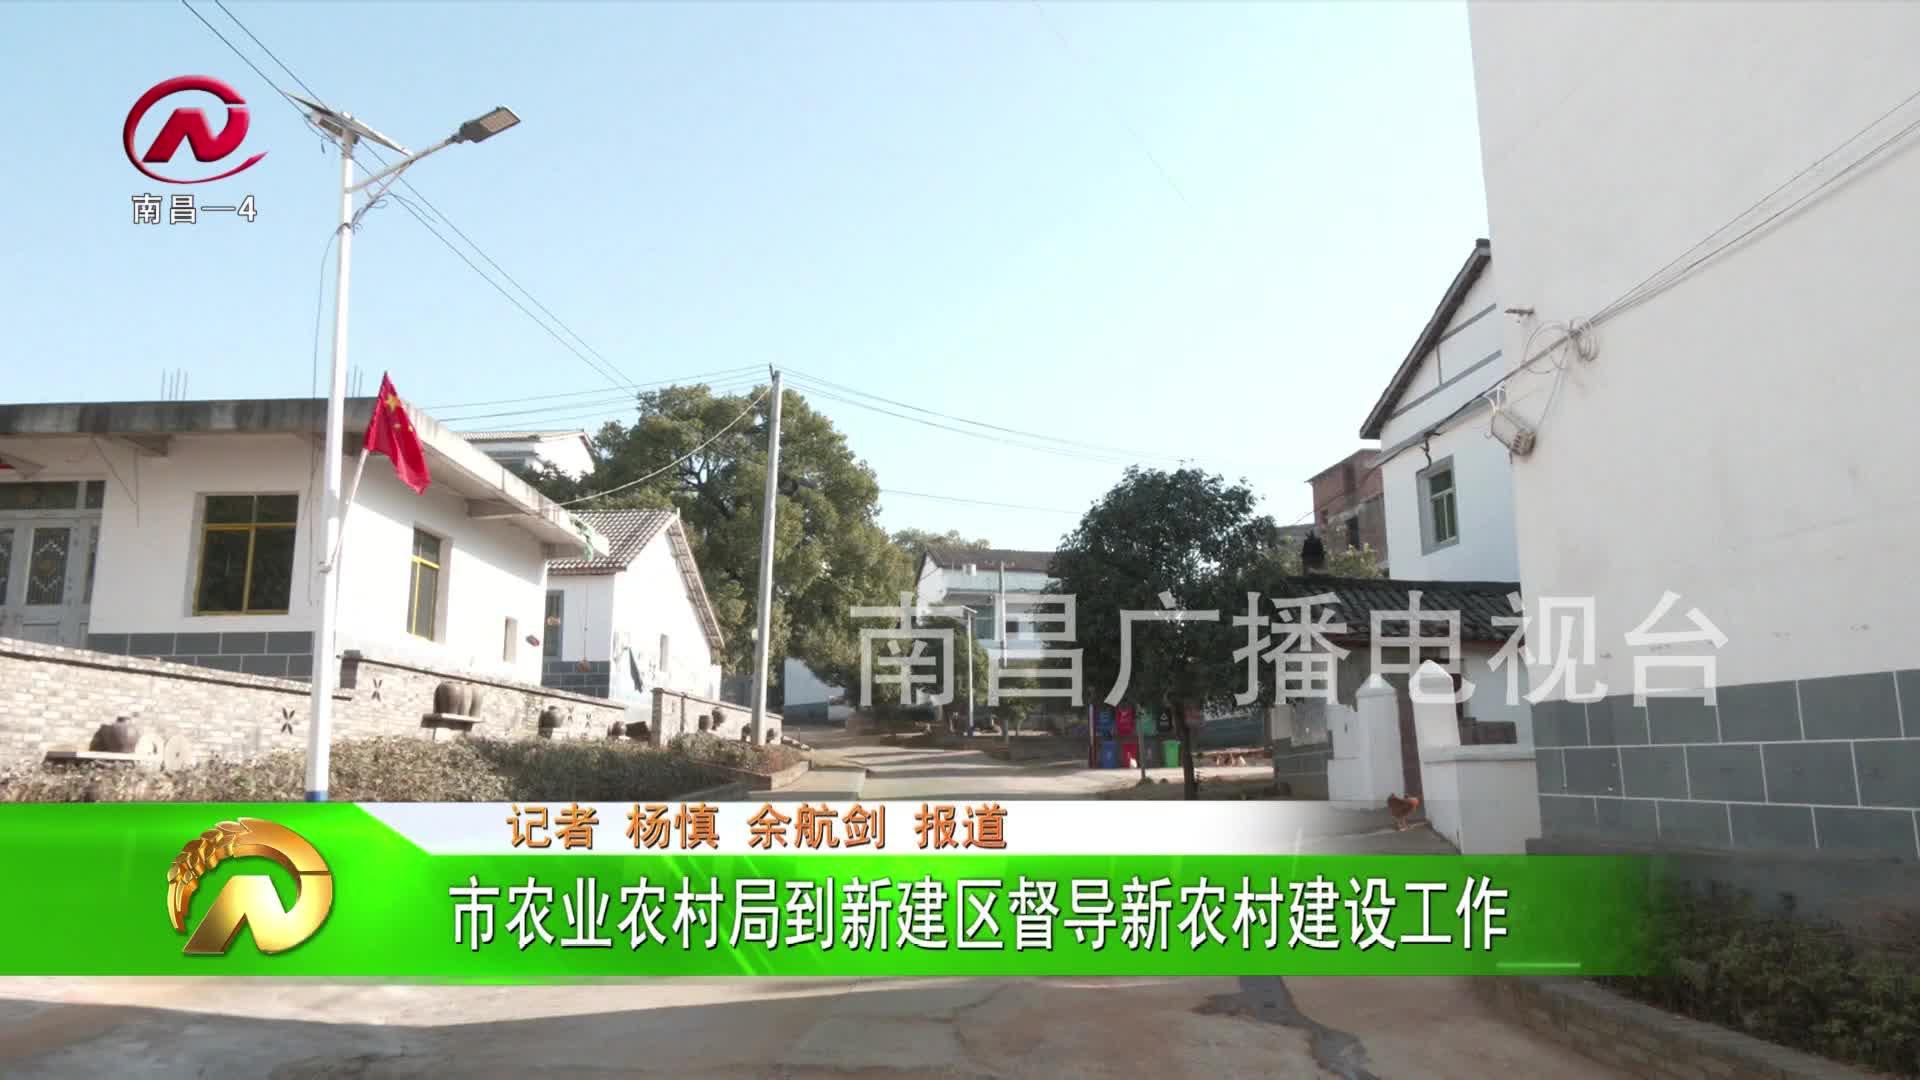 【豫章农视】市农业农村局到新建区督导新农村建设工作